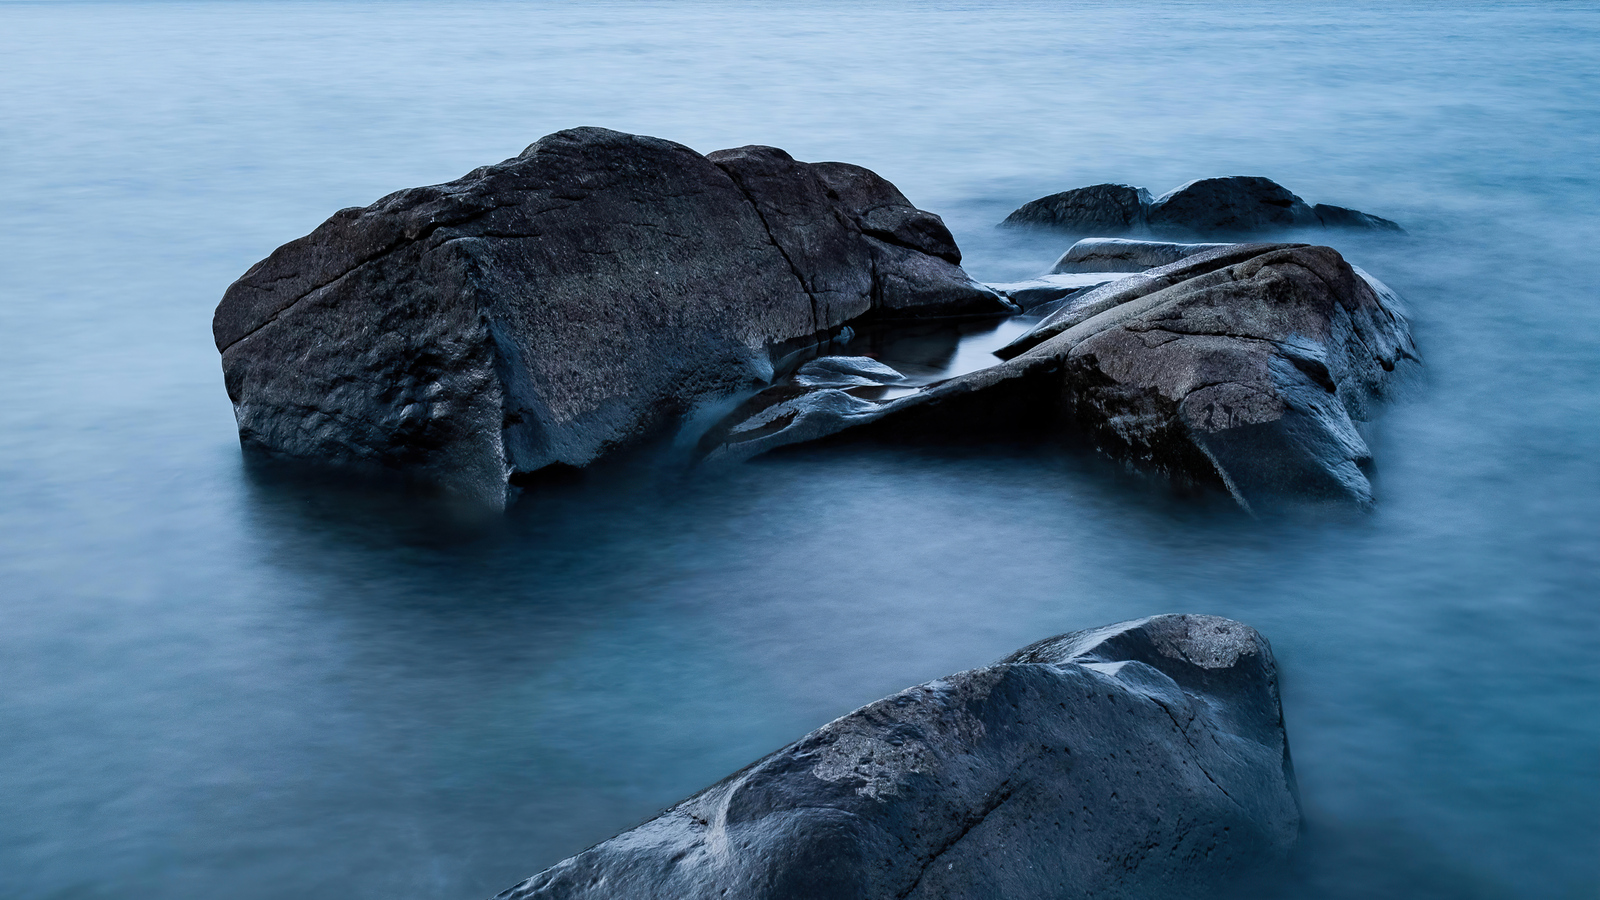 lake-superior-rocks-5k-dq.jpg